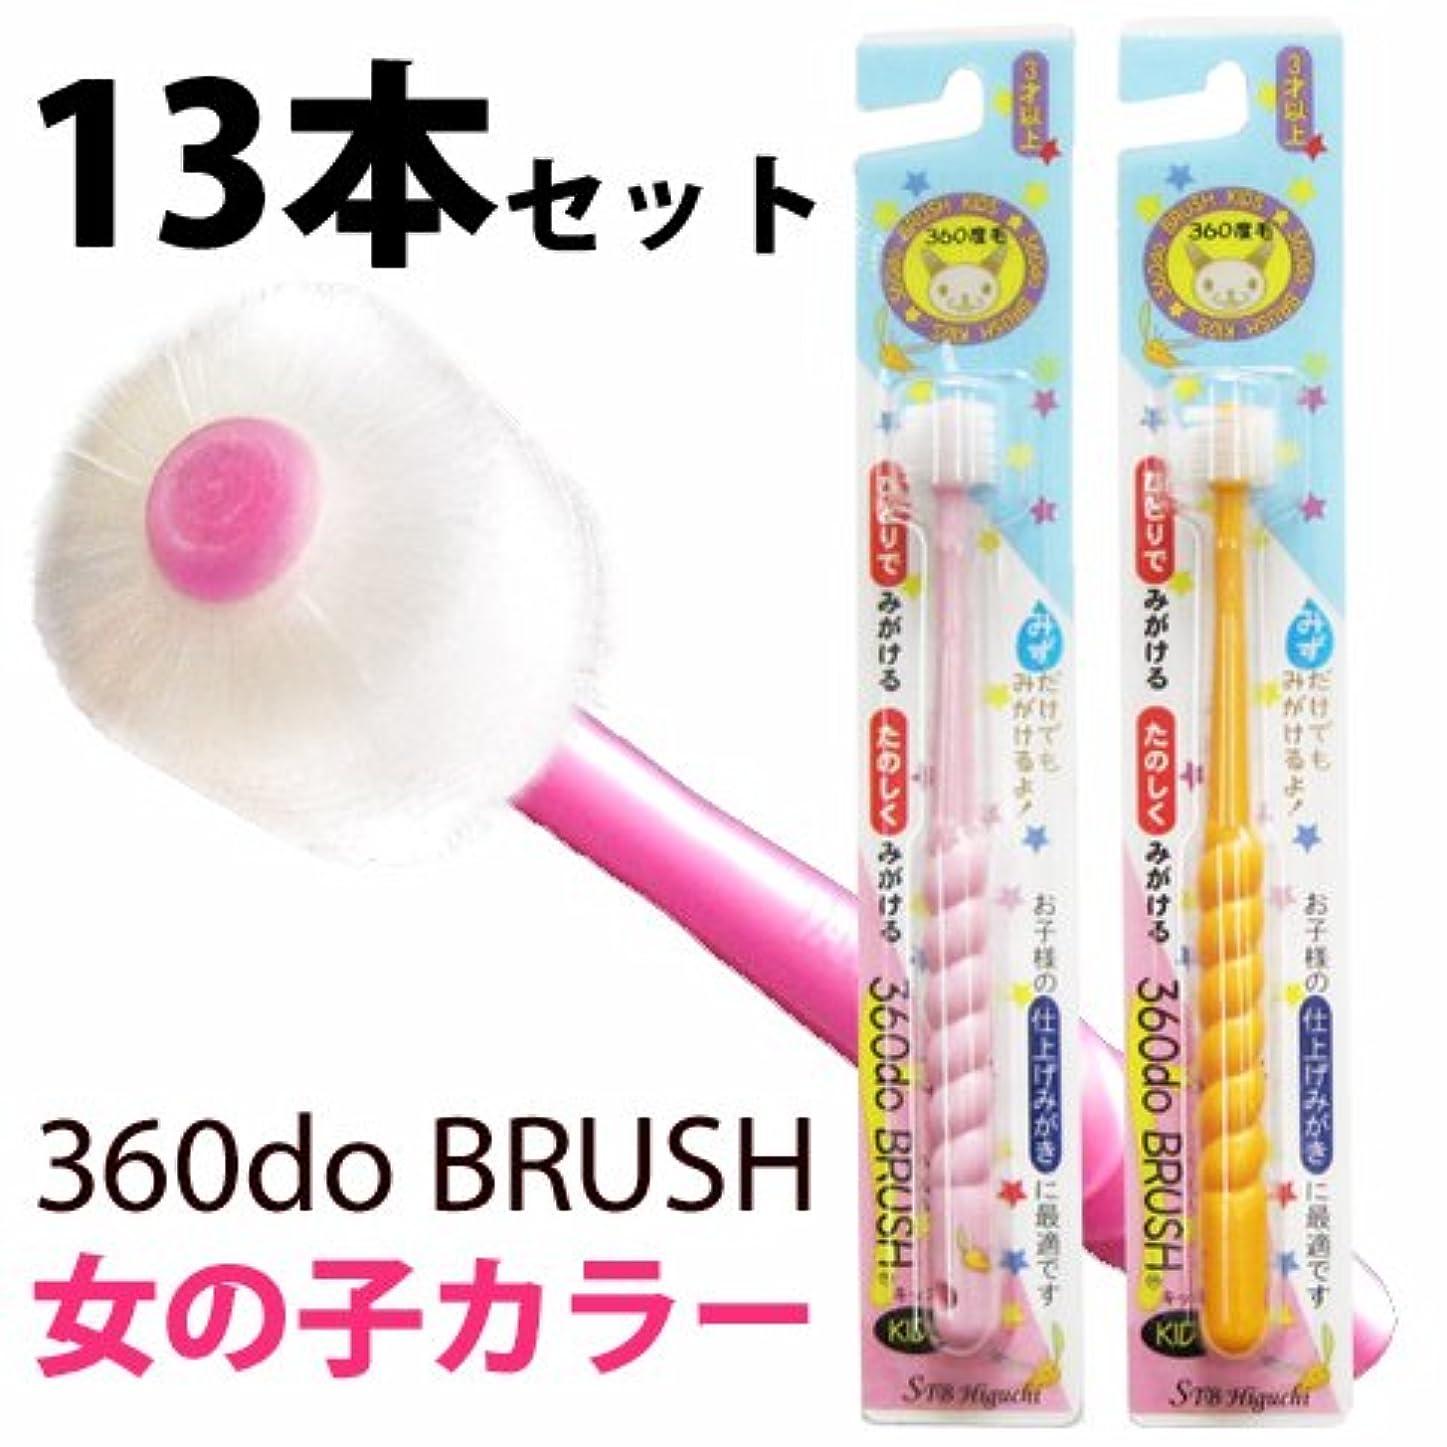 一緒排気証書360do BRUSH 360度歯ブラシ キッズ 女の子用 13本セット